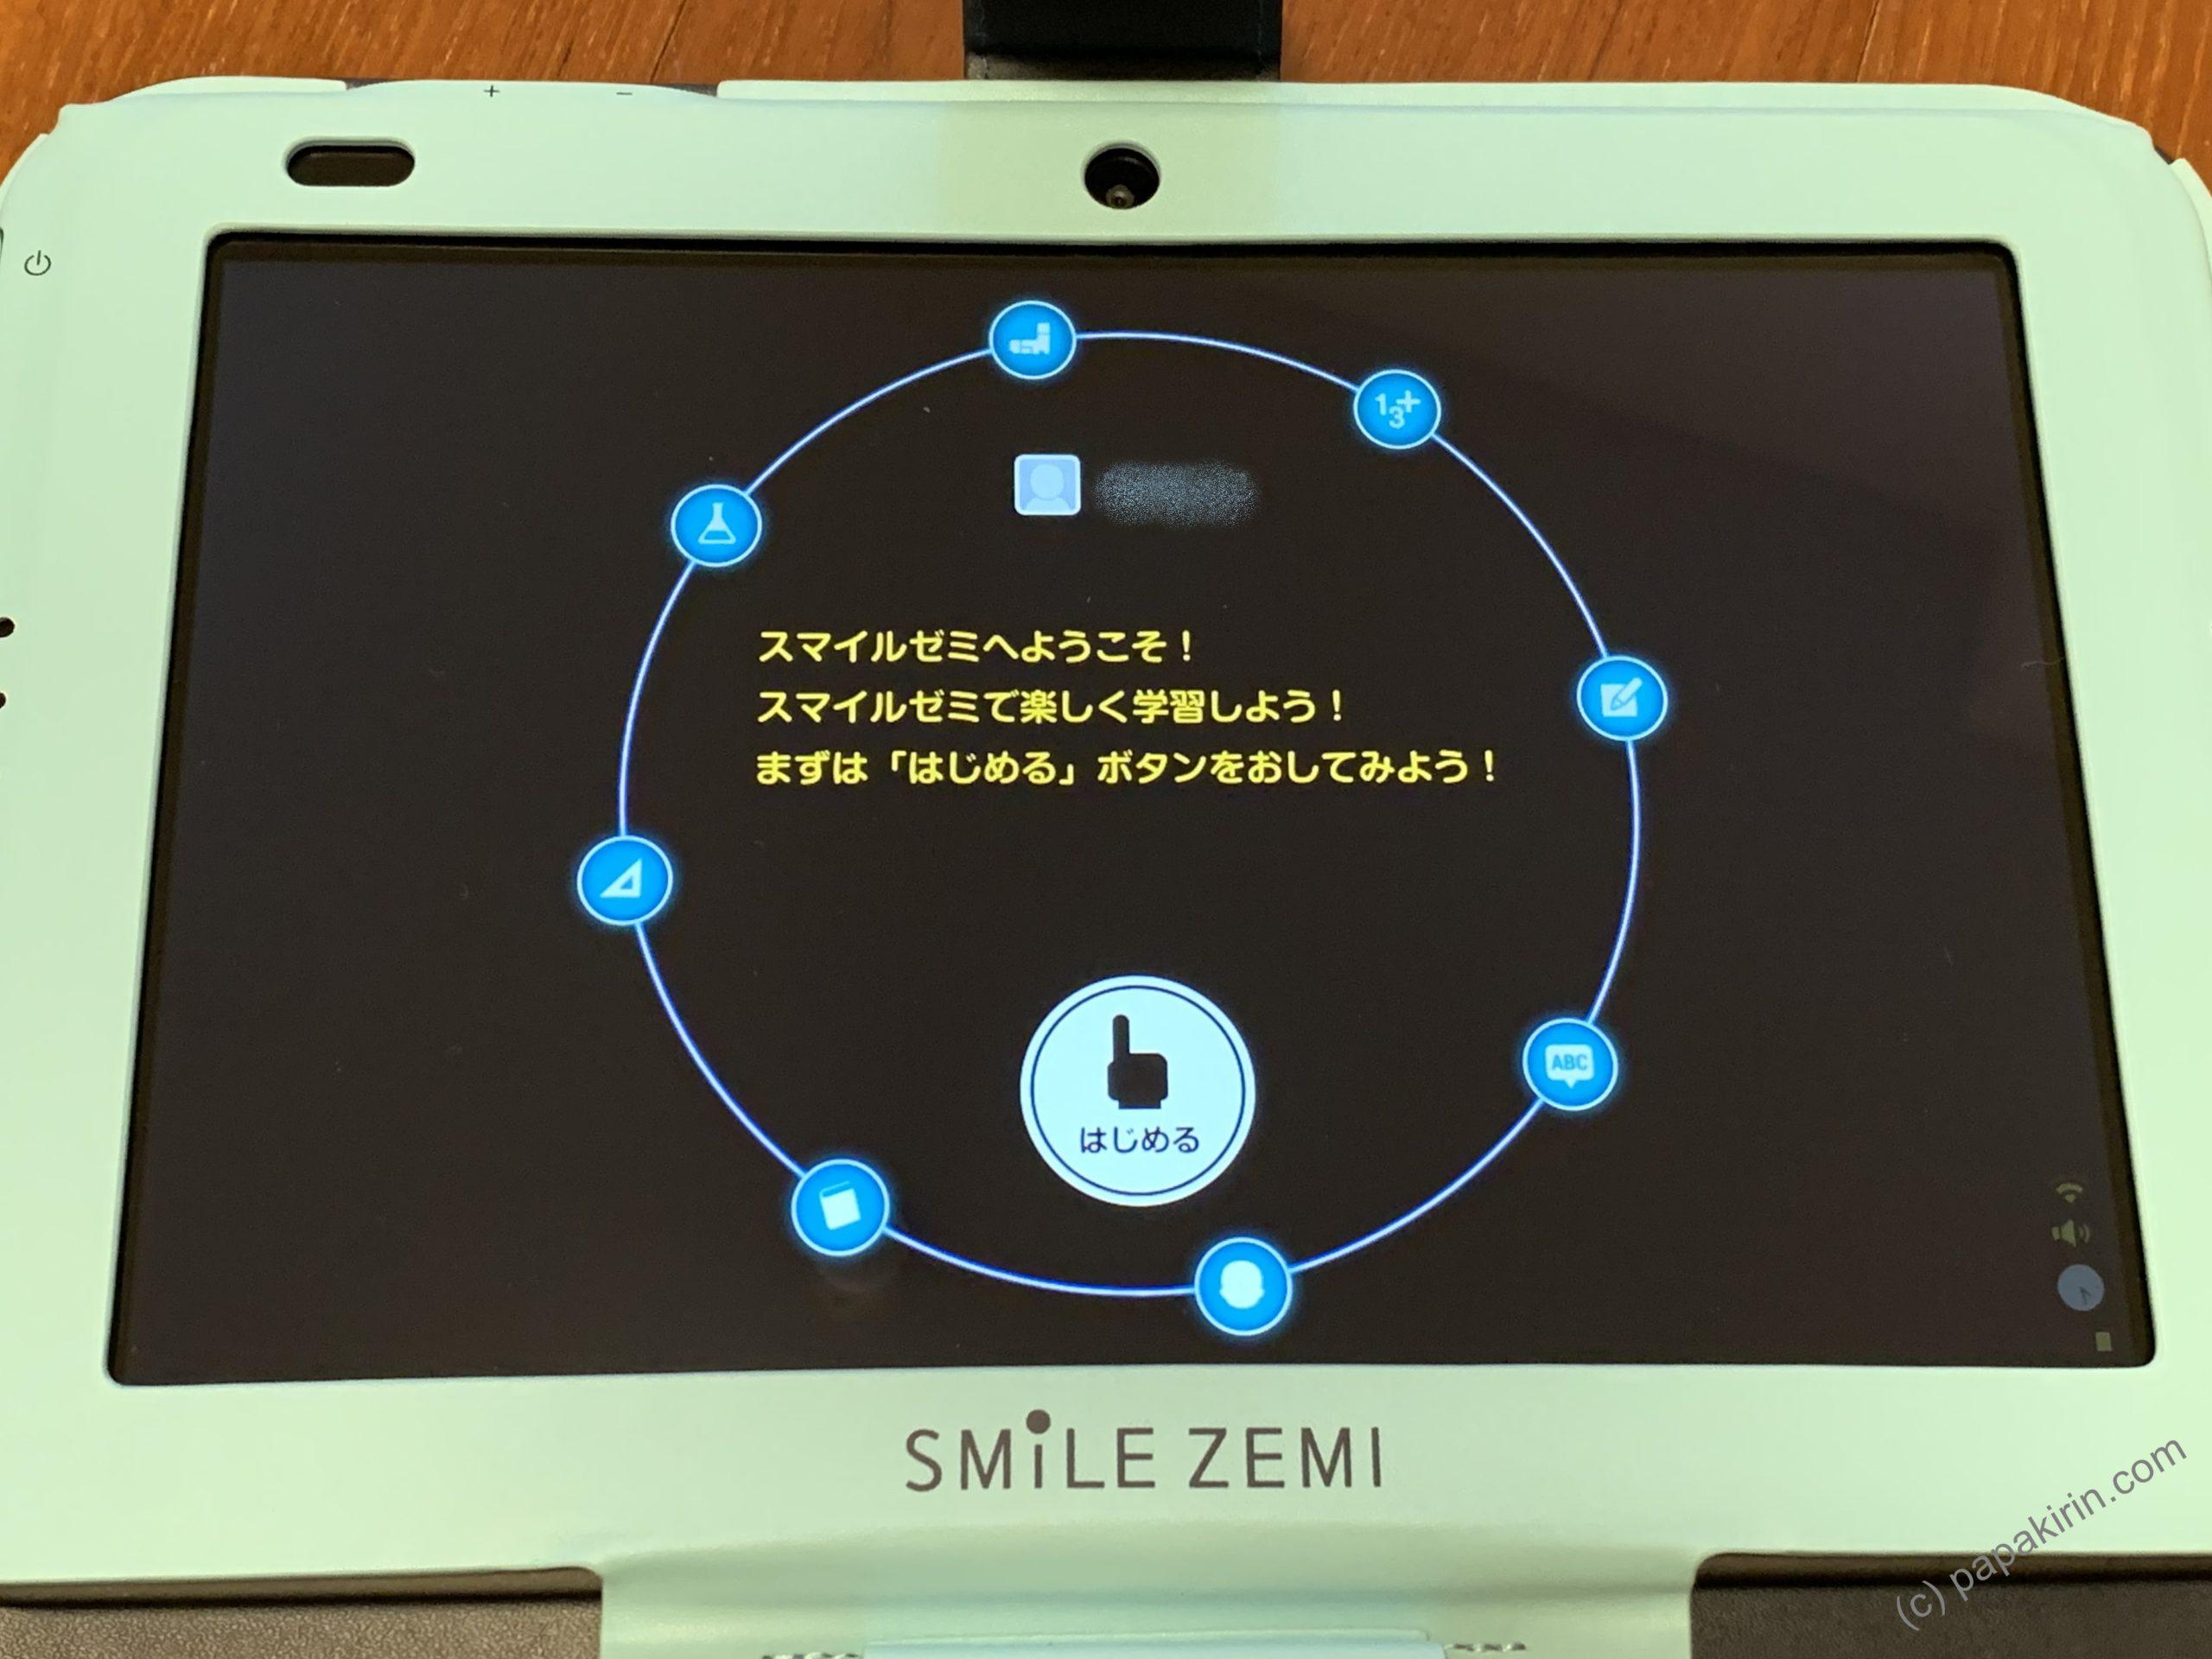 スマイルゼミの専用タブレットの画像